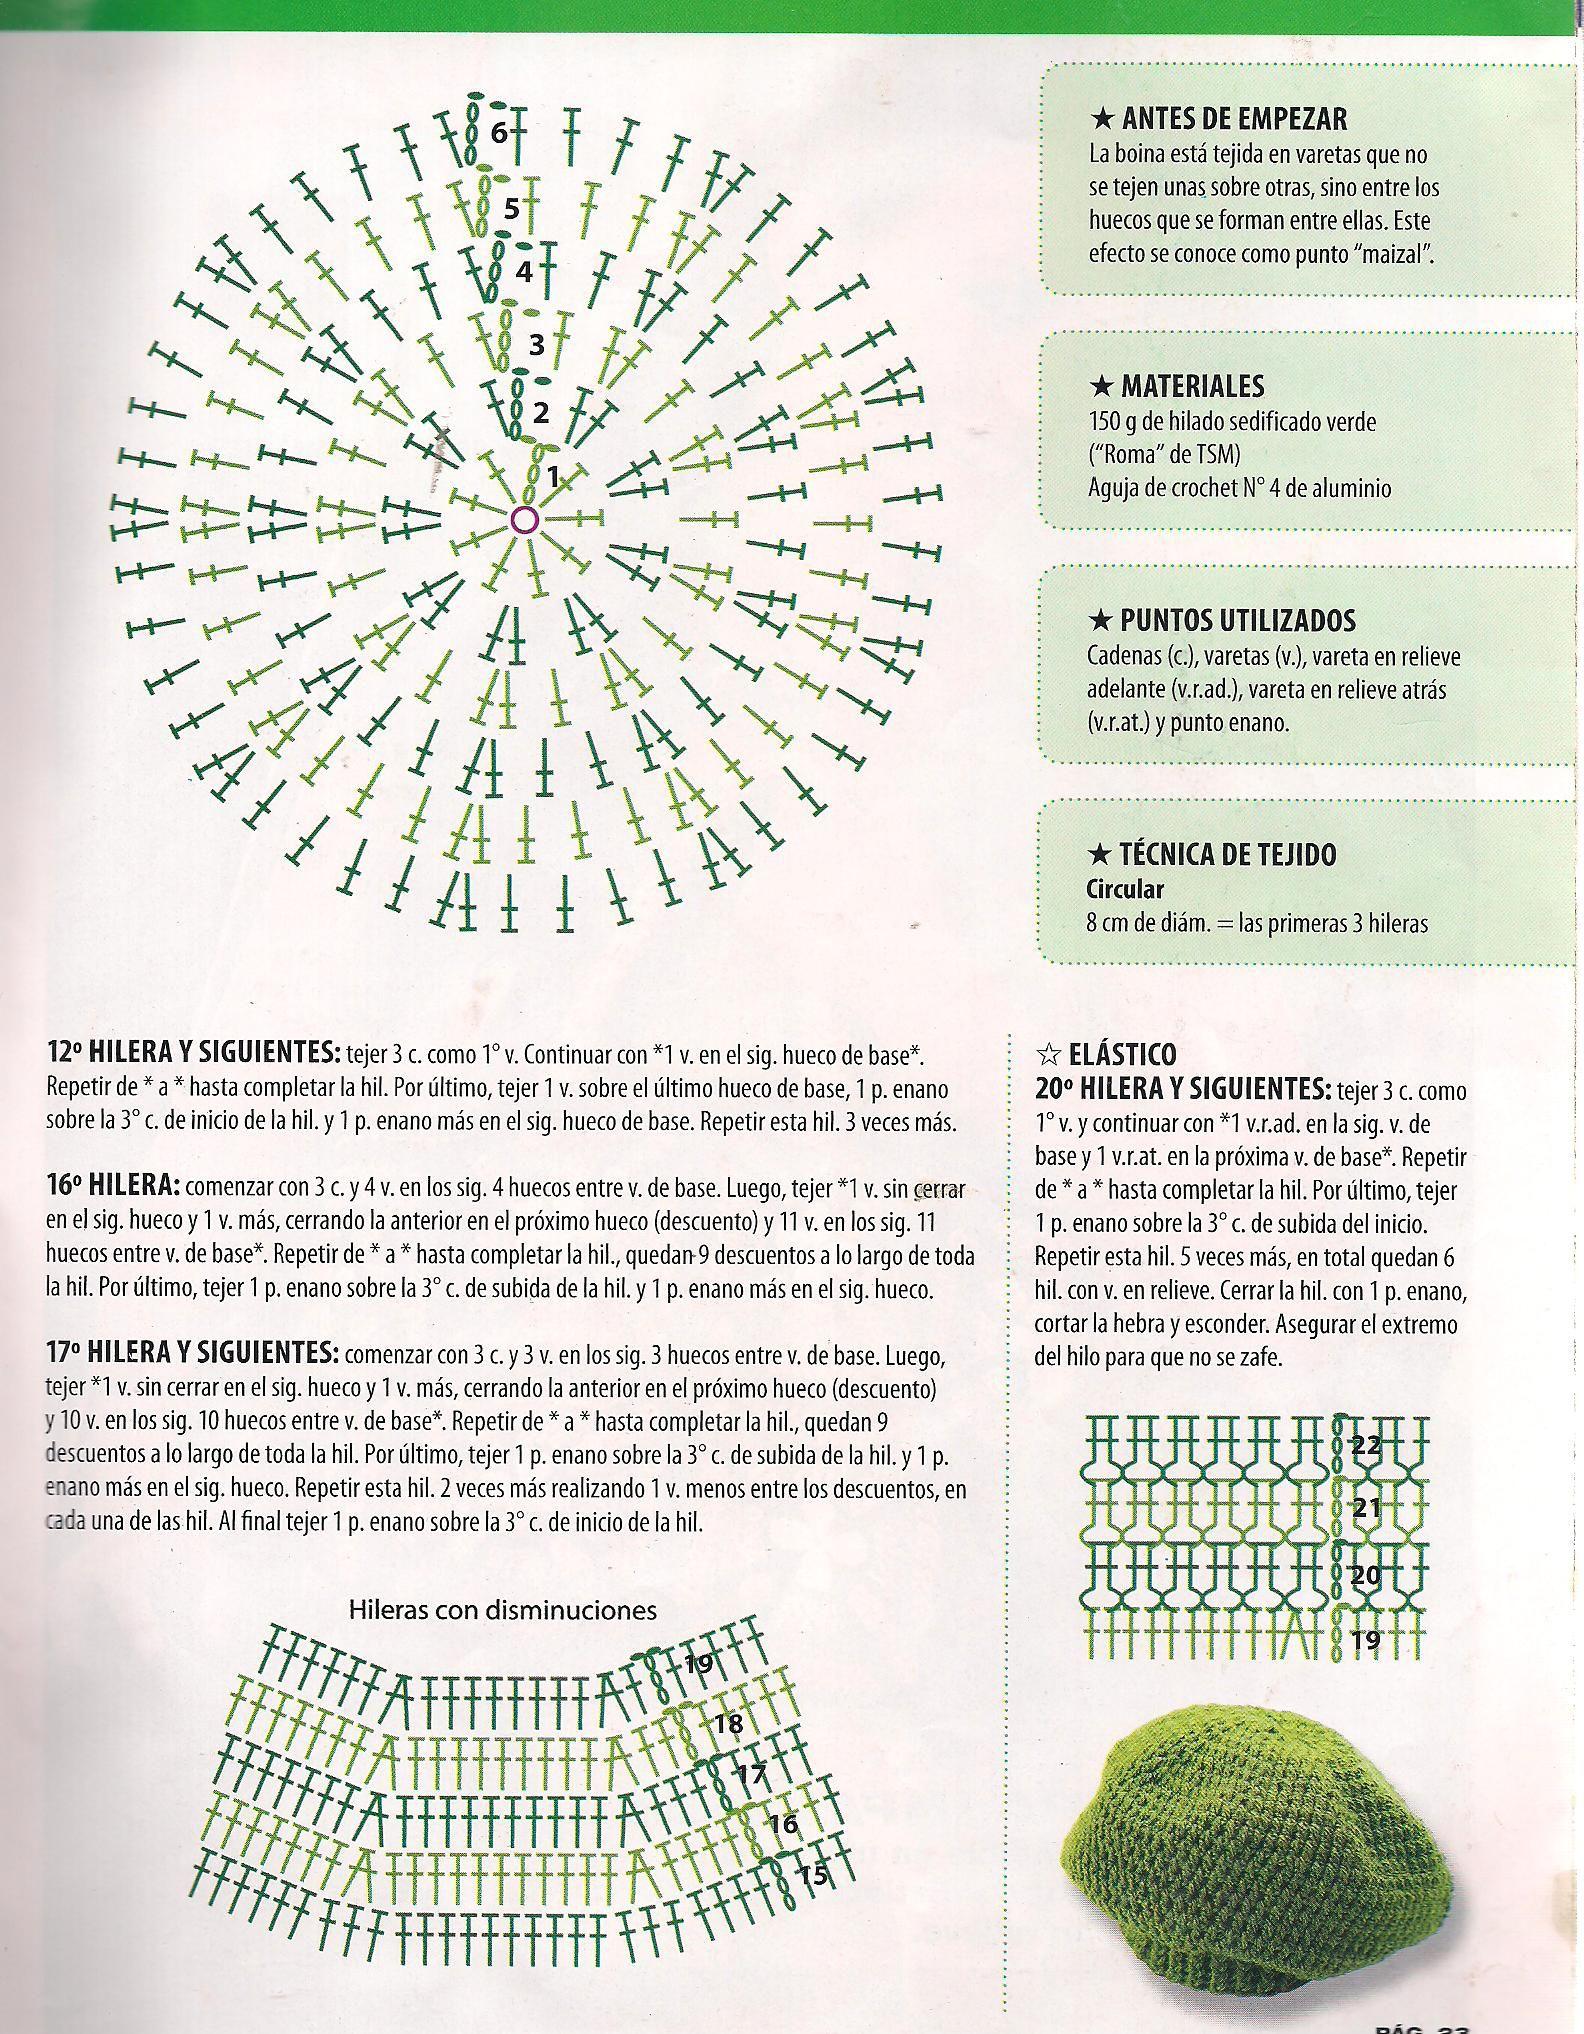 Patrones Crochet, Manualidades y Reciclado: PATRONES DE BOINAS A ...